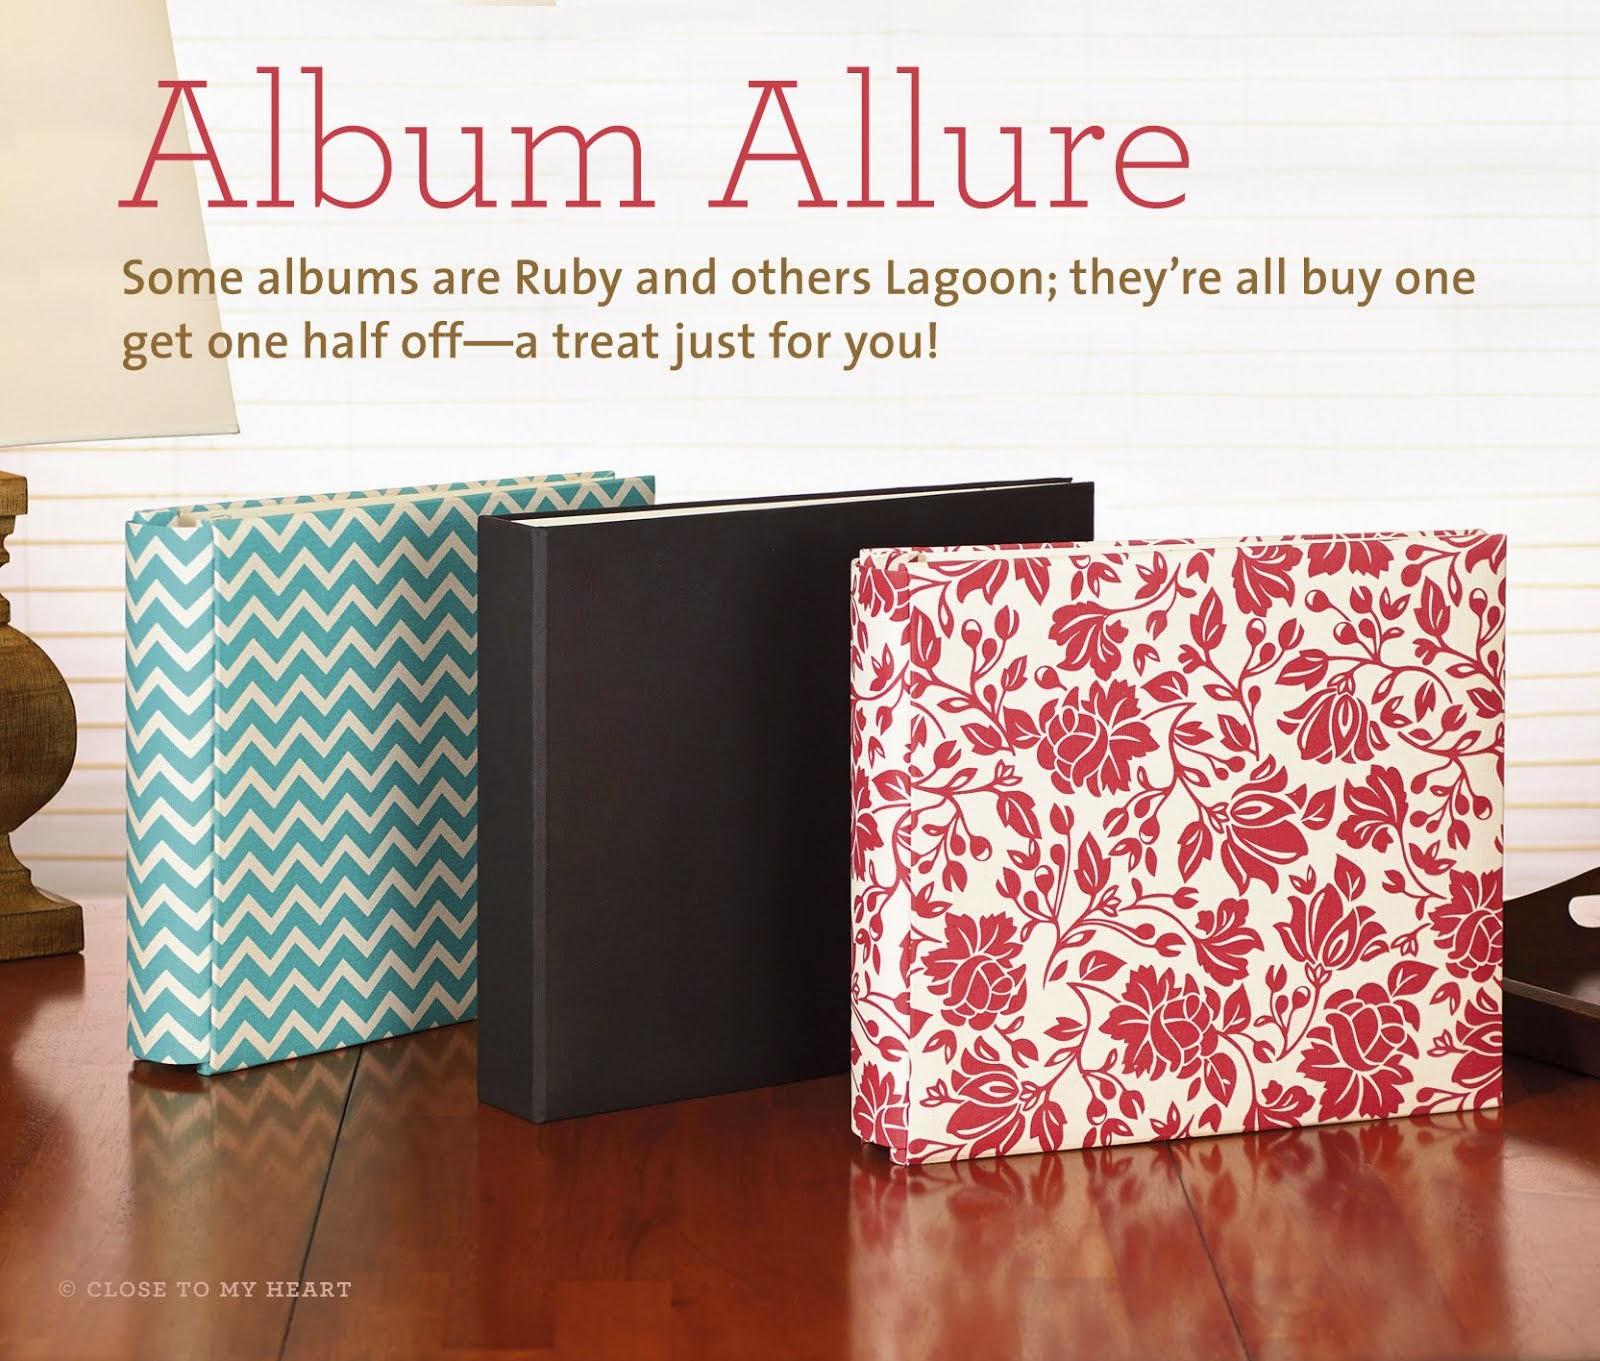 Allure Album Special February 1 - 28